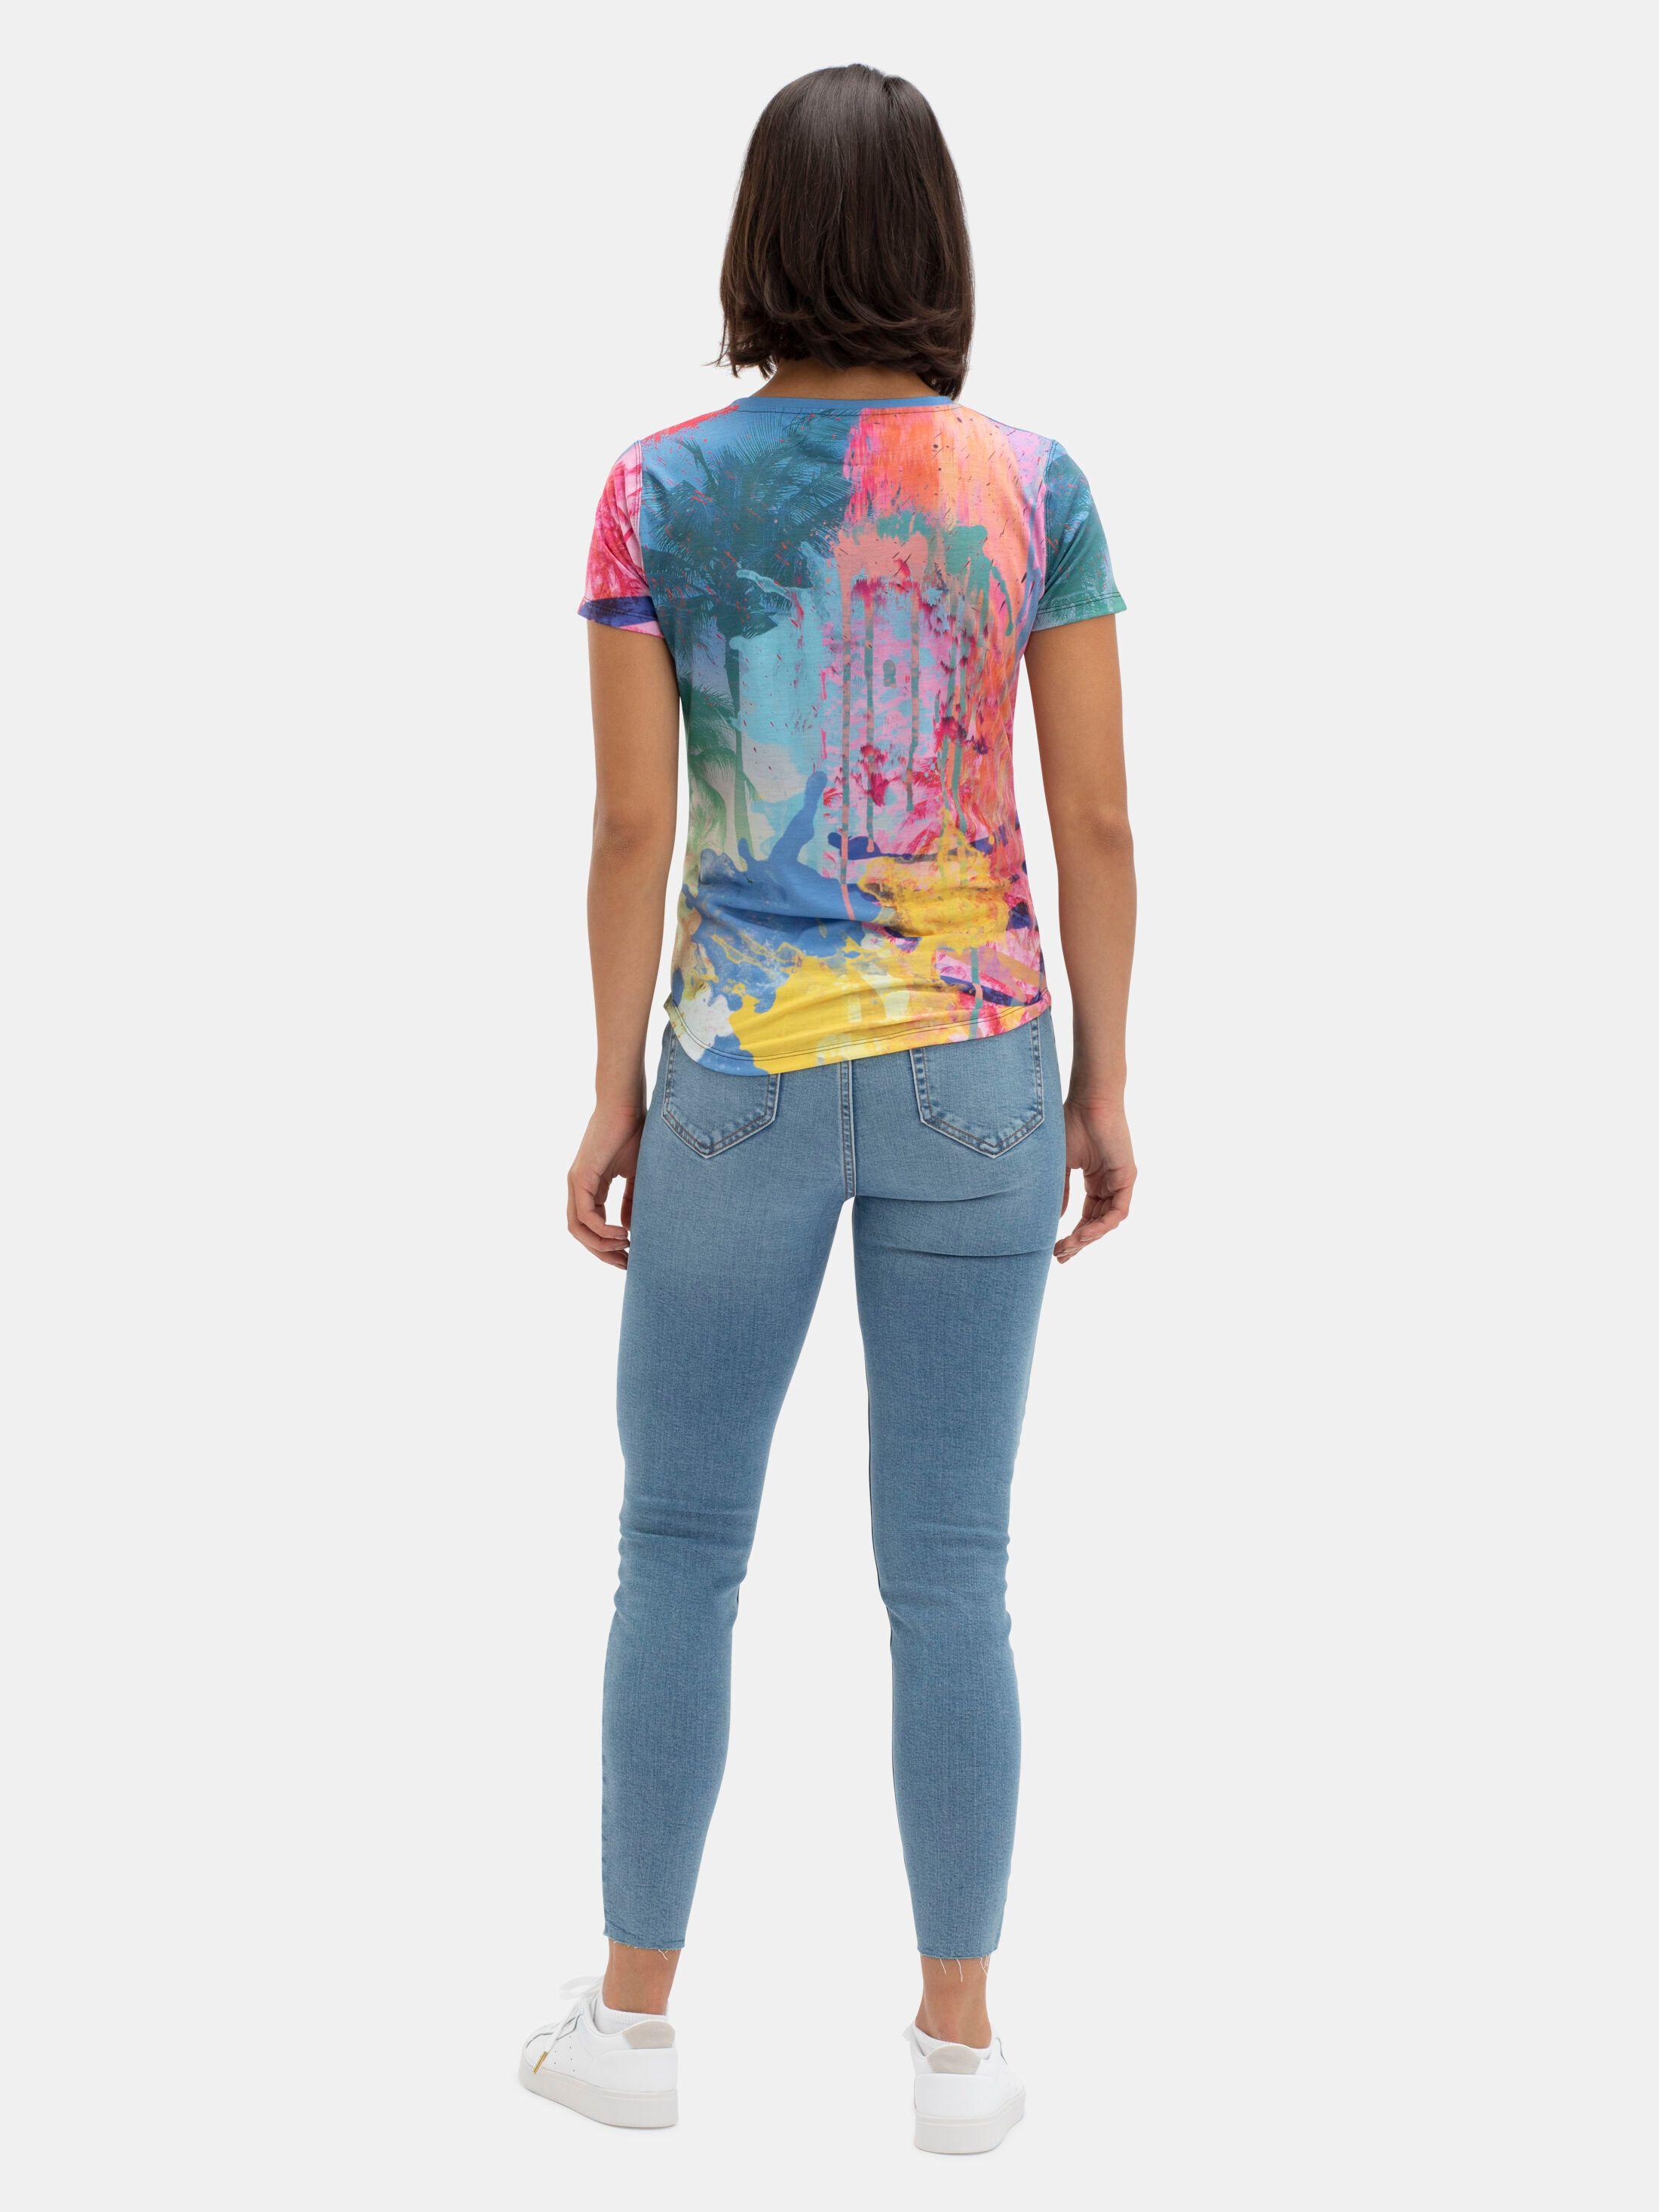 tela velour camiseta personalizada mujer